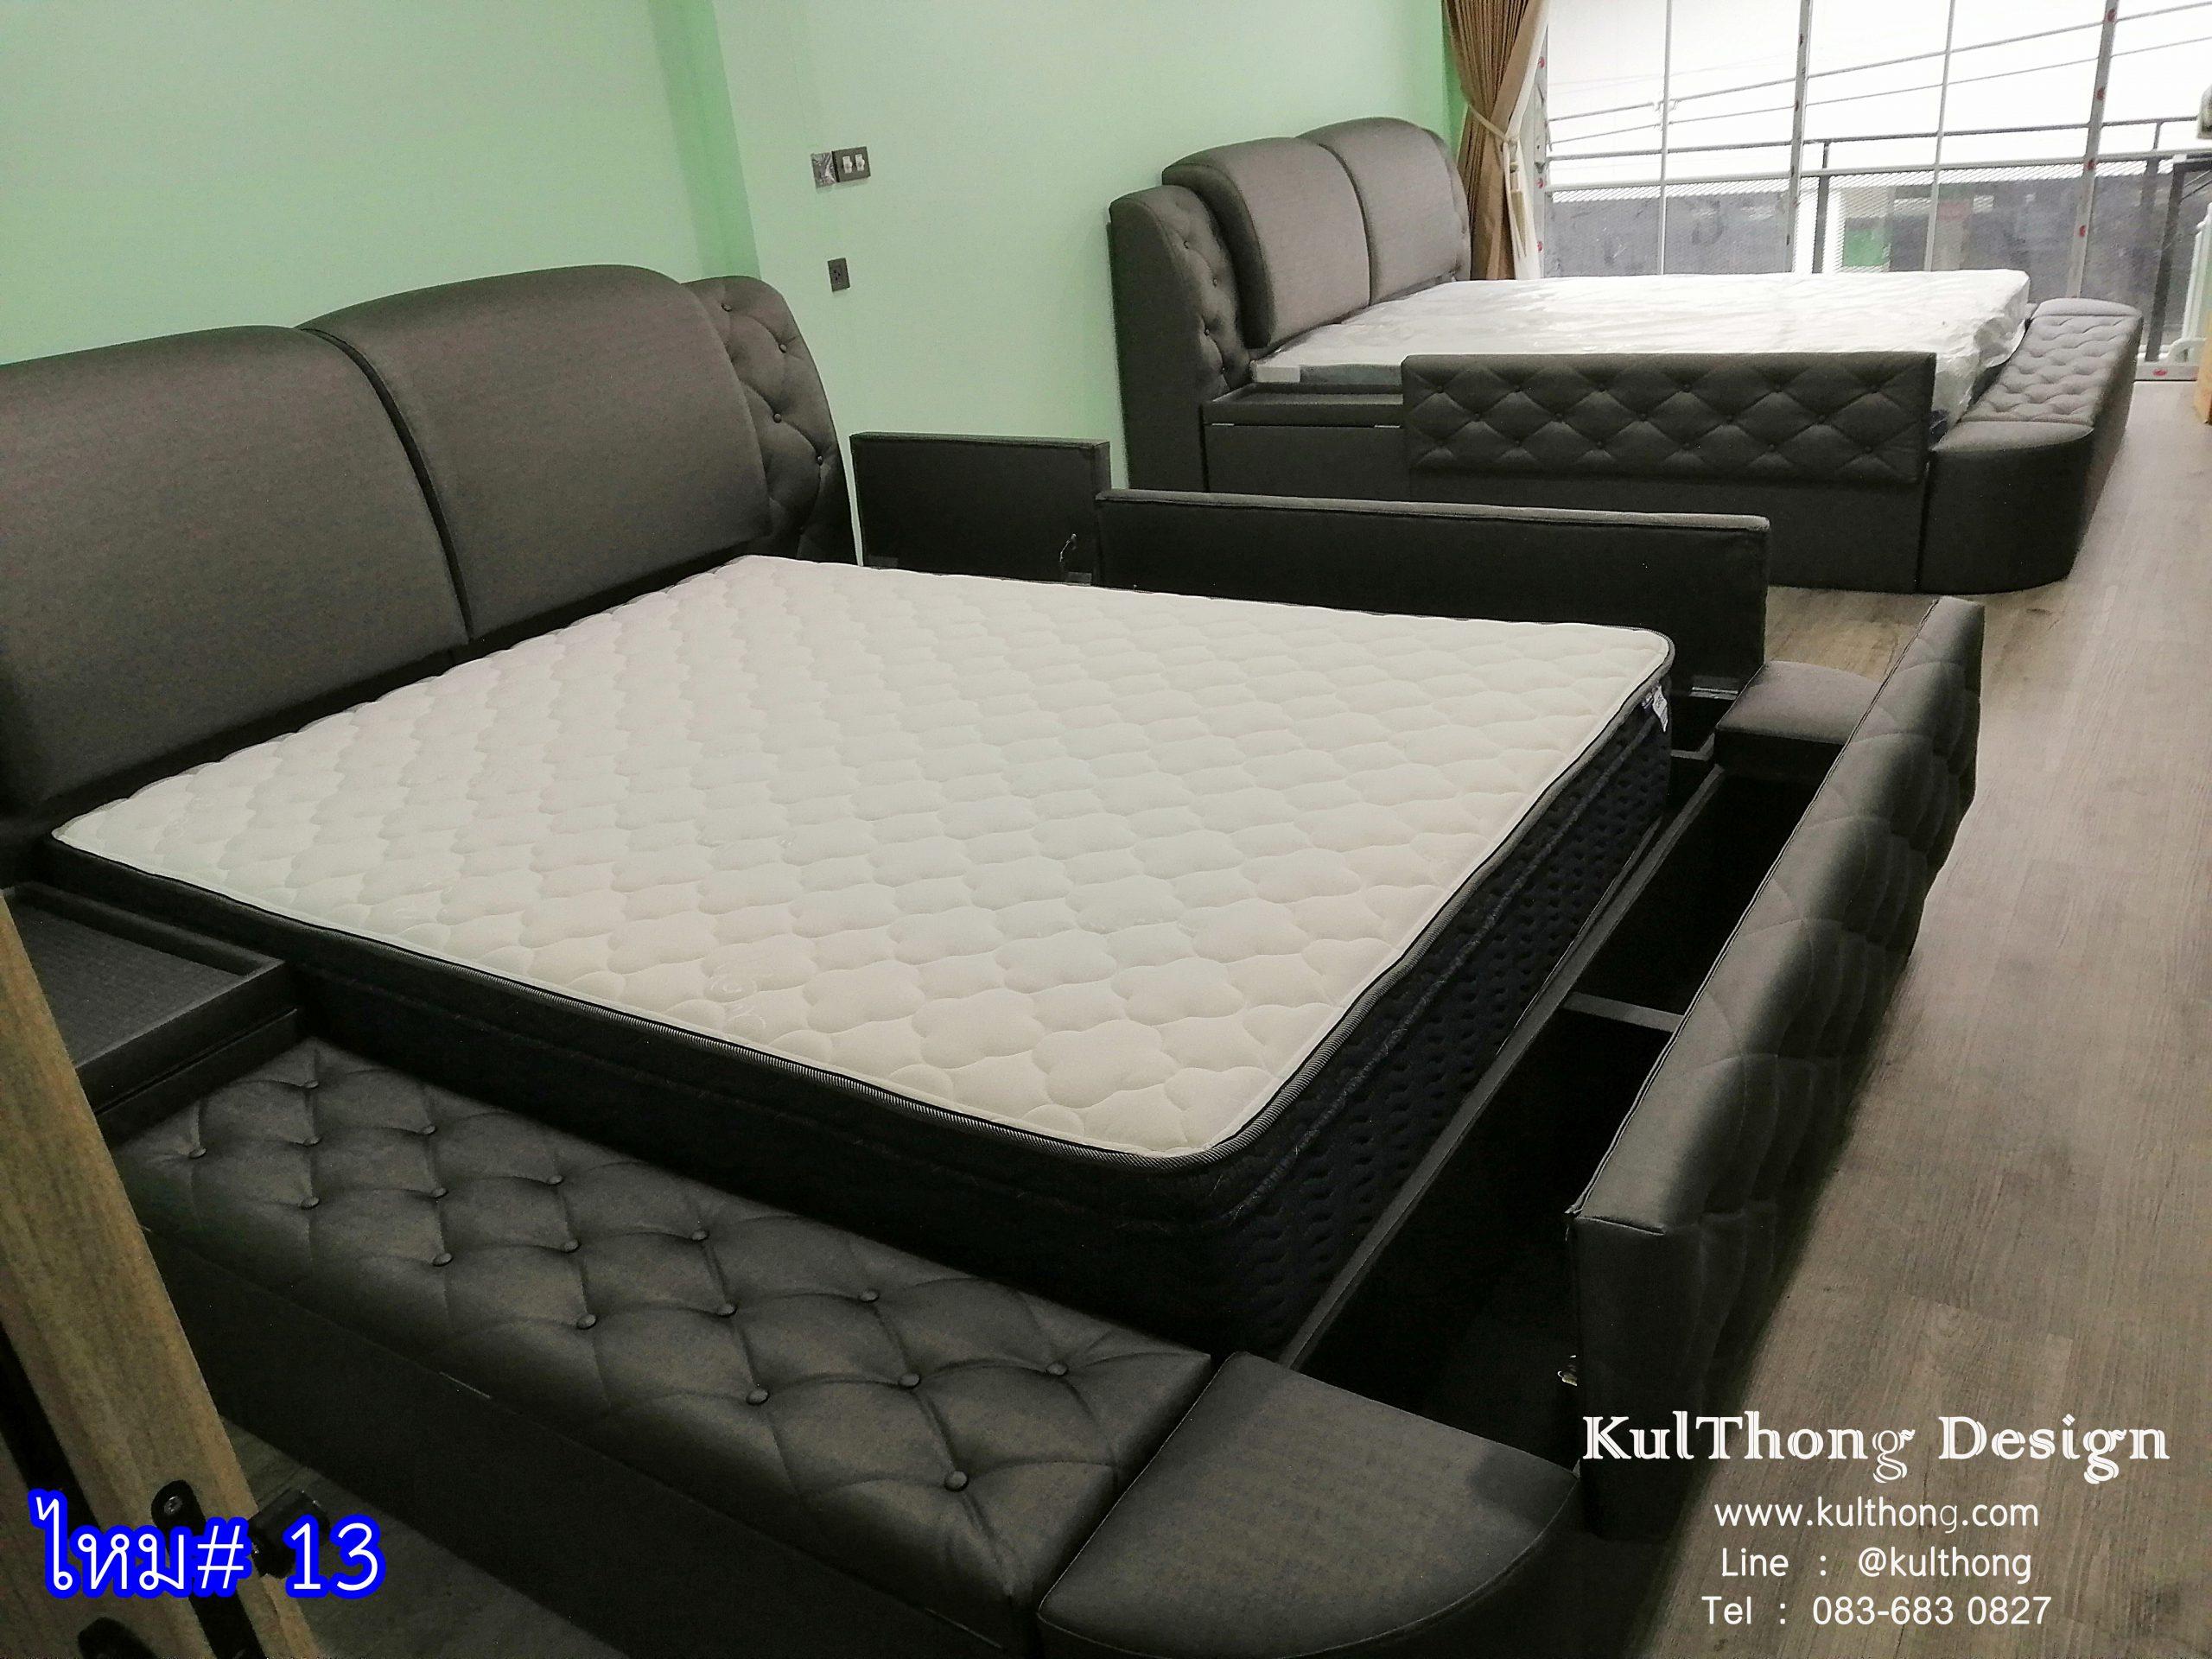 เตียงมีที่เก็บของ เตียงเปิดฝา เตียงกล่องเก็บของ